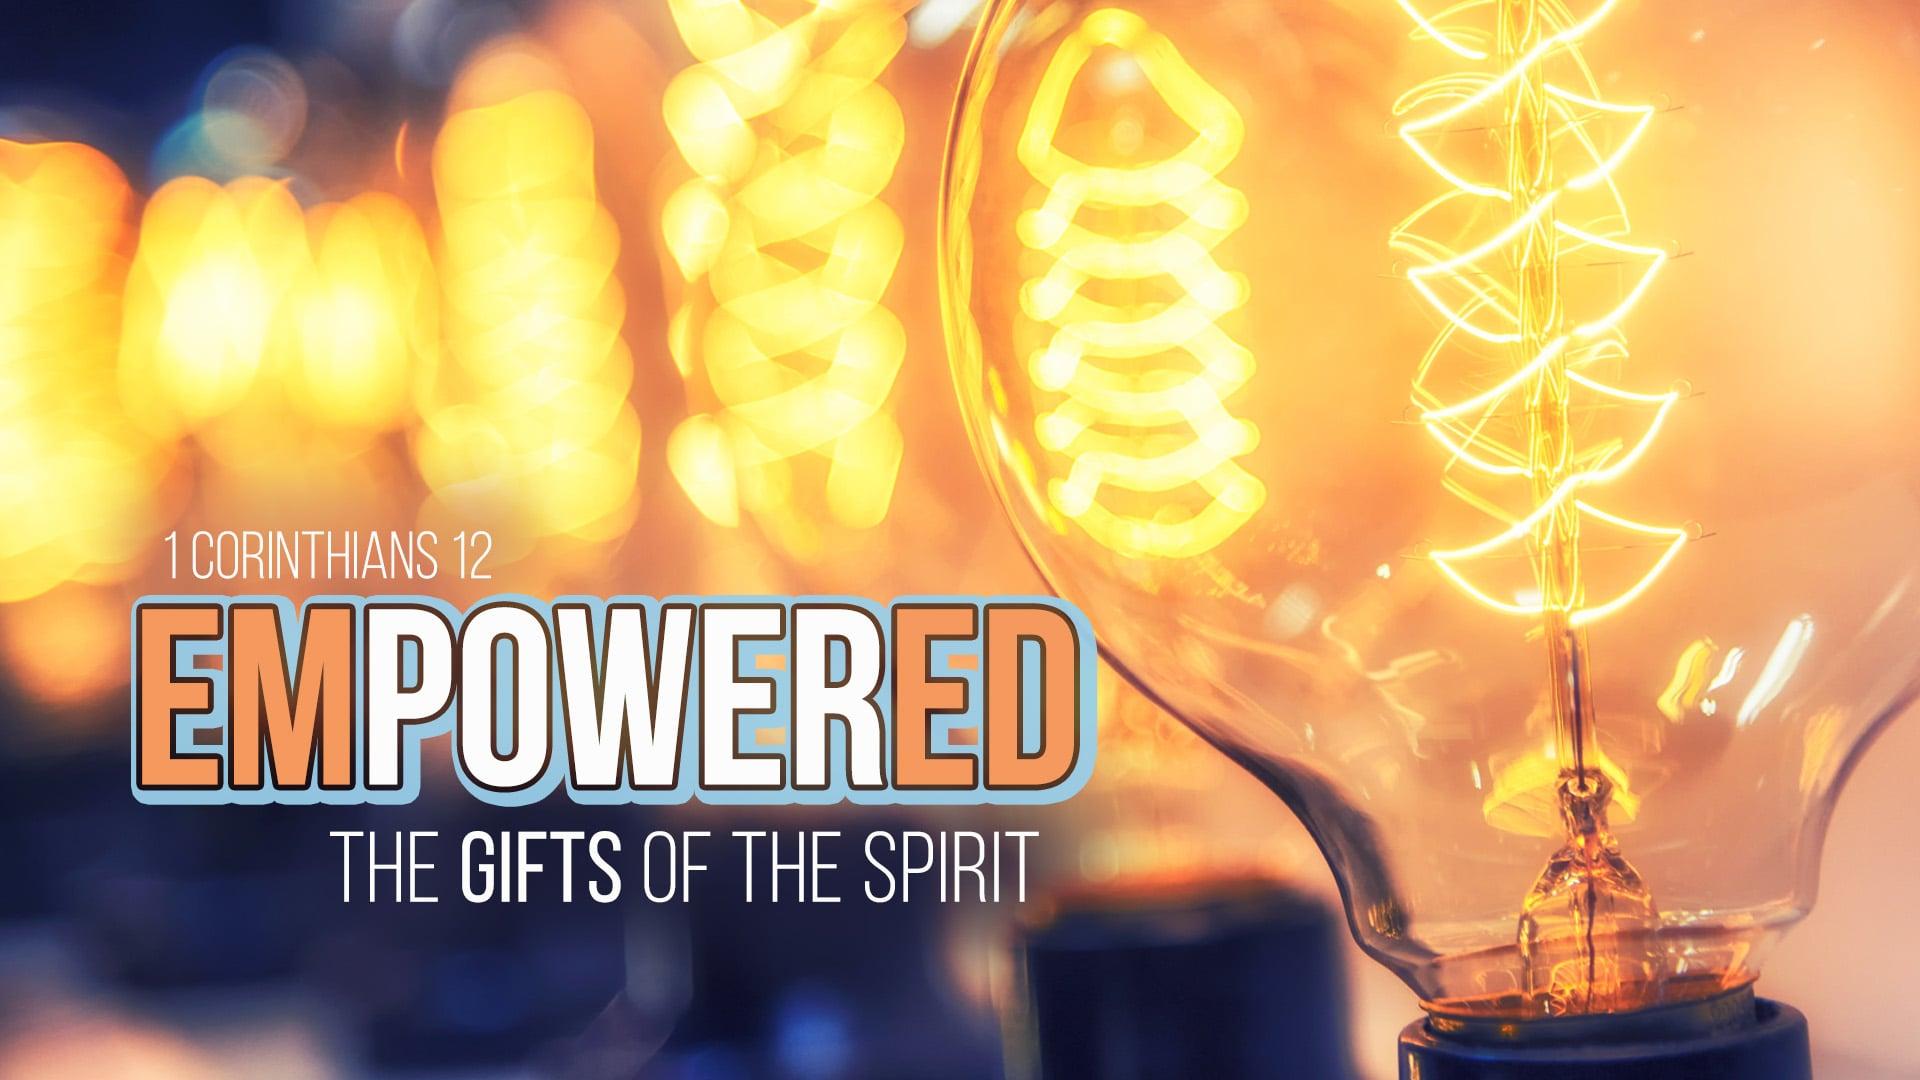 Empowered - Part 2